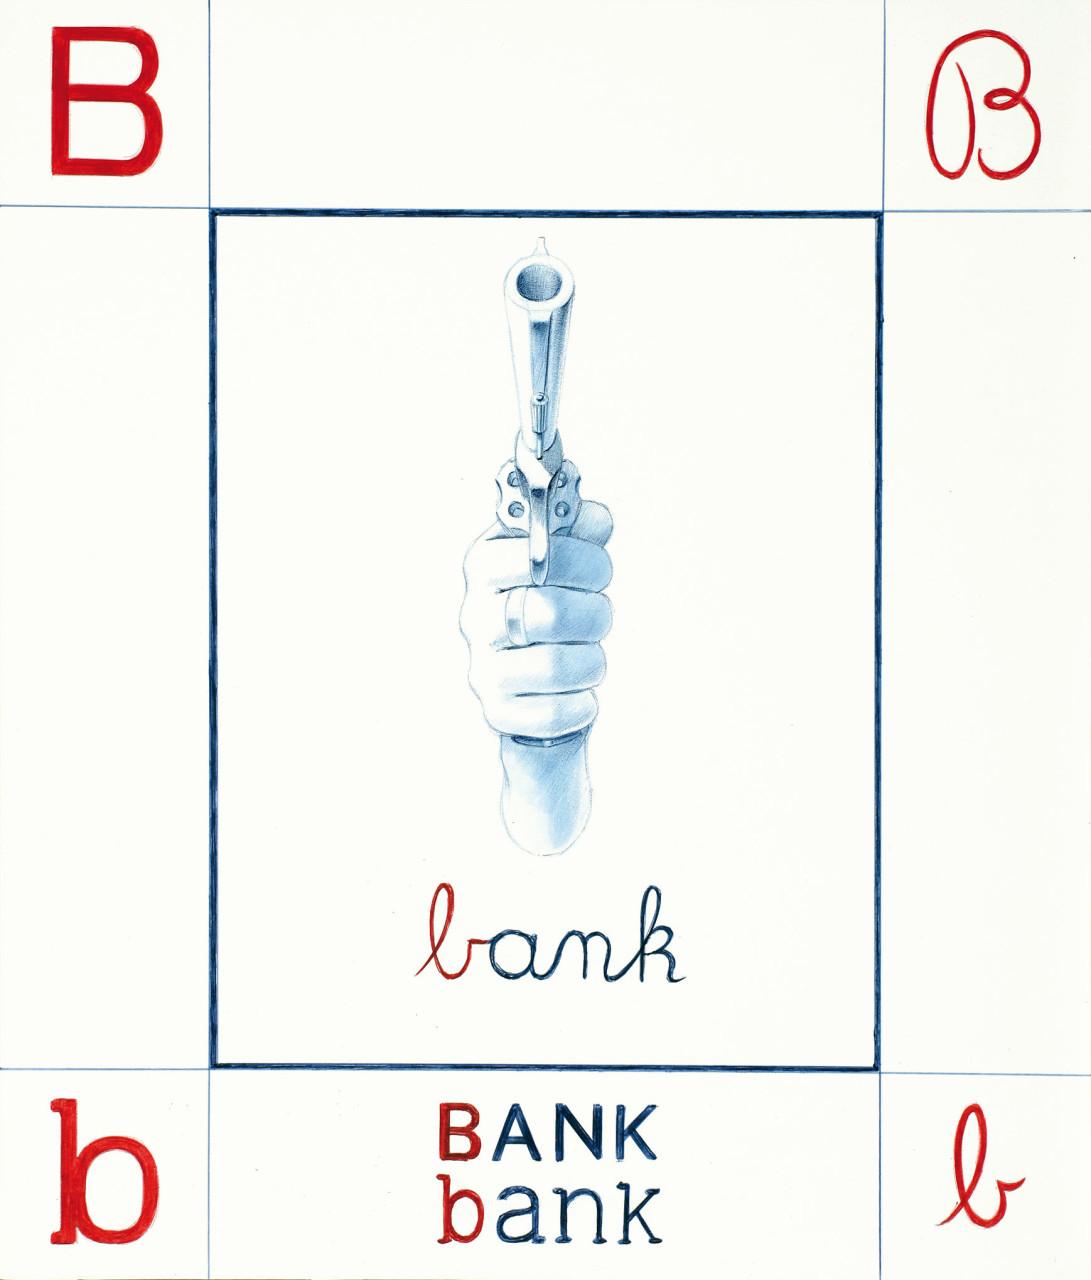 02B-bank_bassa